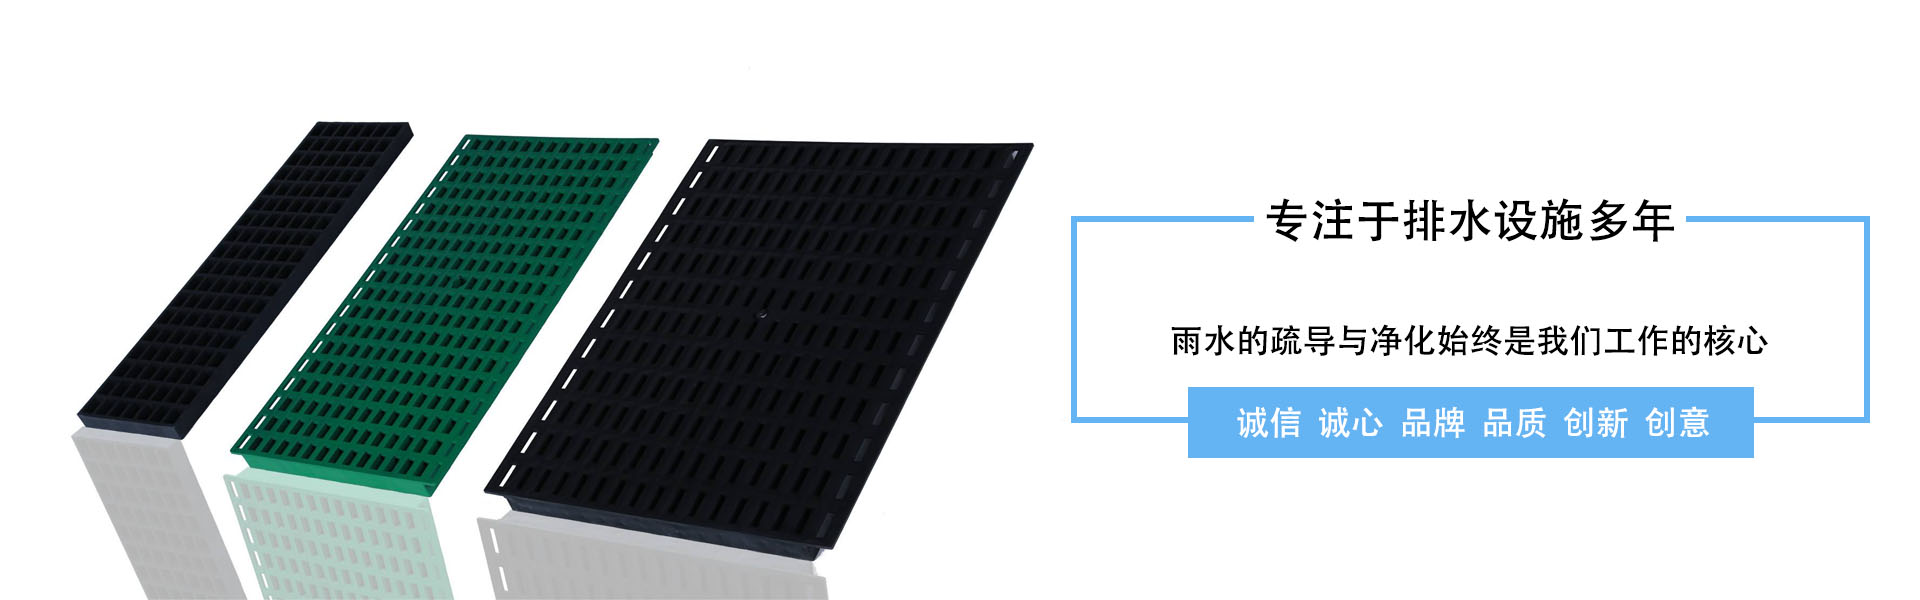 树脂排水沟盖板通俗叫水篦子应用于排水沟体,颜色可选规格尺寸齐全